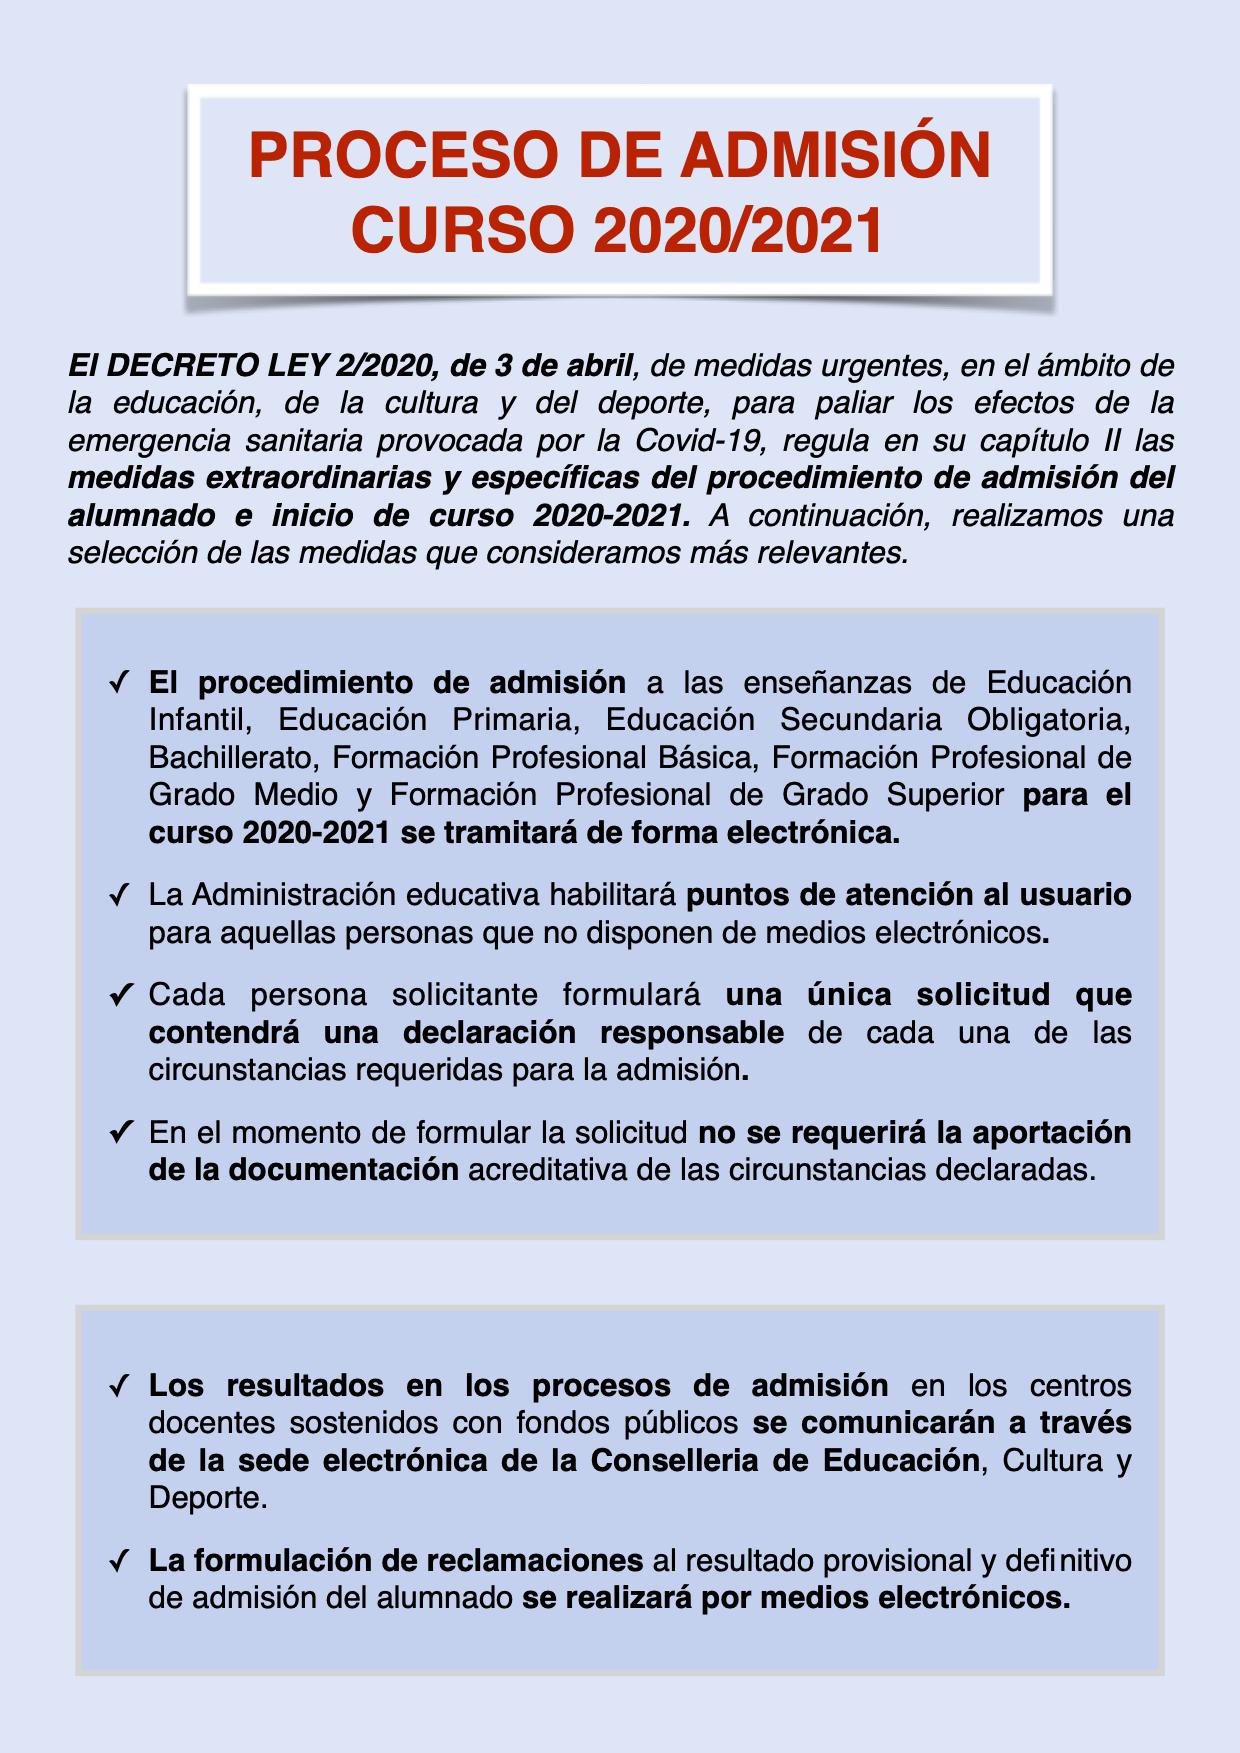 PROCESO DE ADMISIÓN 2020:2021